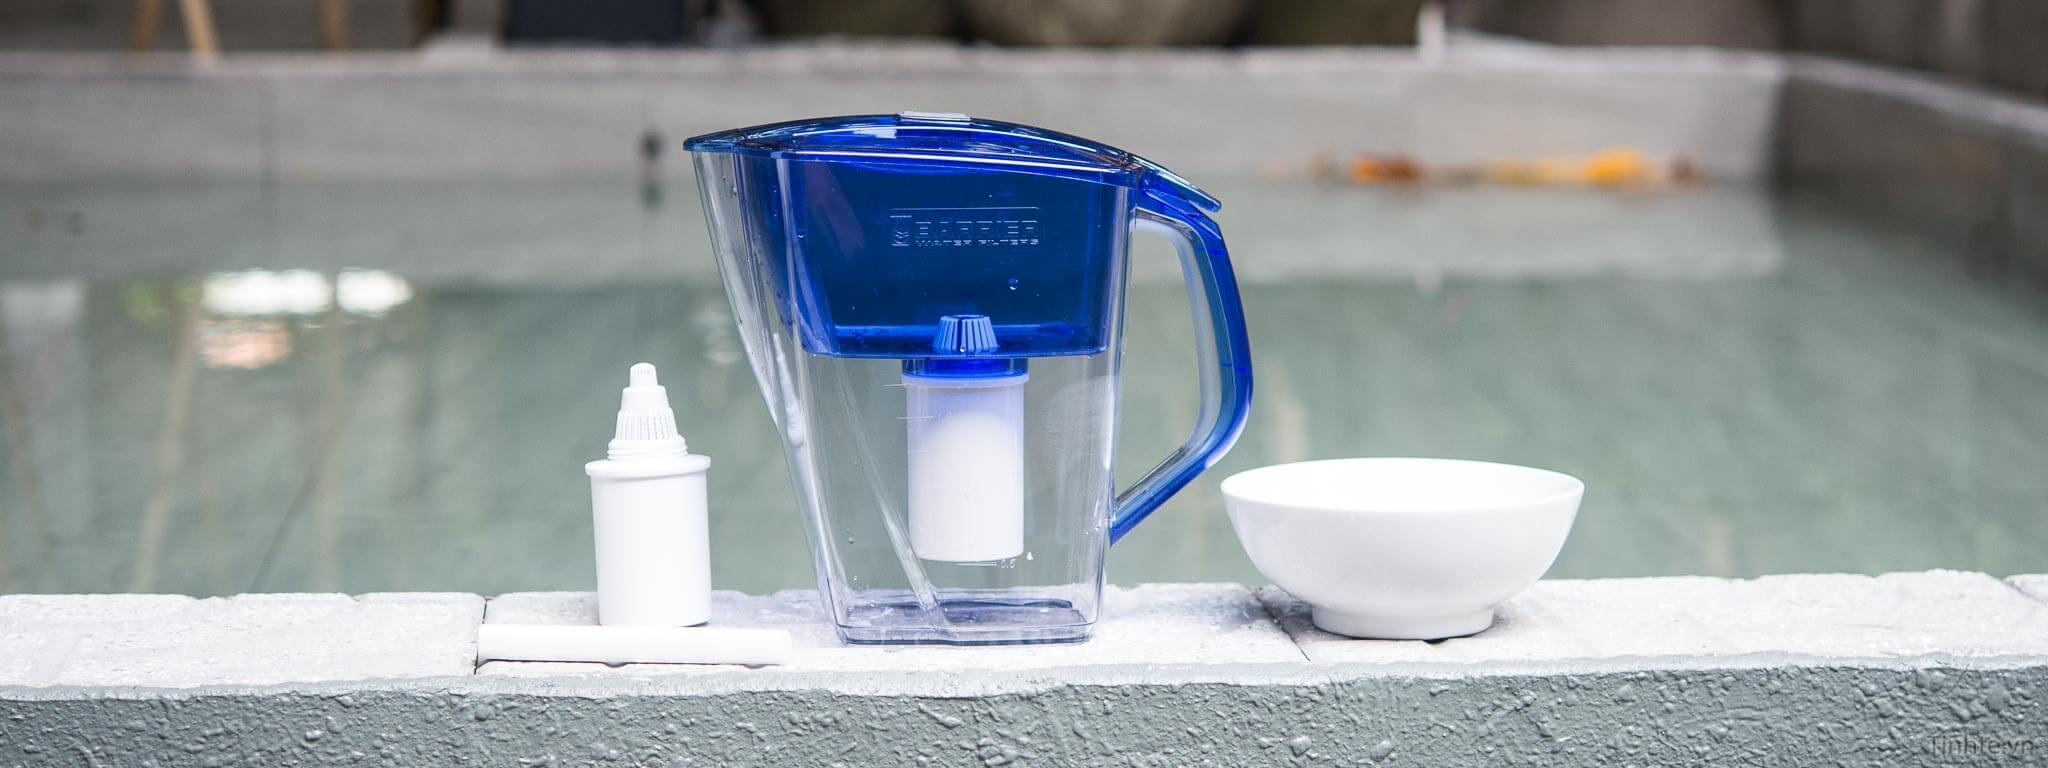 Bình lọc nước mini còn biết đến với tên gọi ca lọc nước, bình lọc nước cỡ nhỏ,...